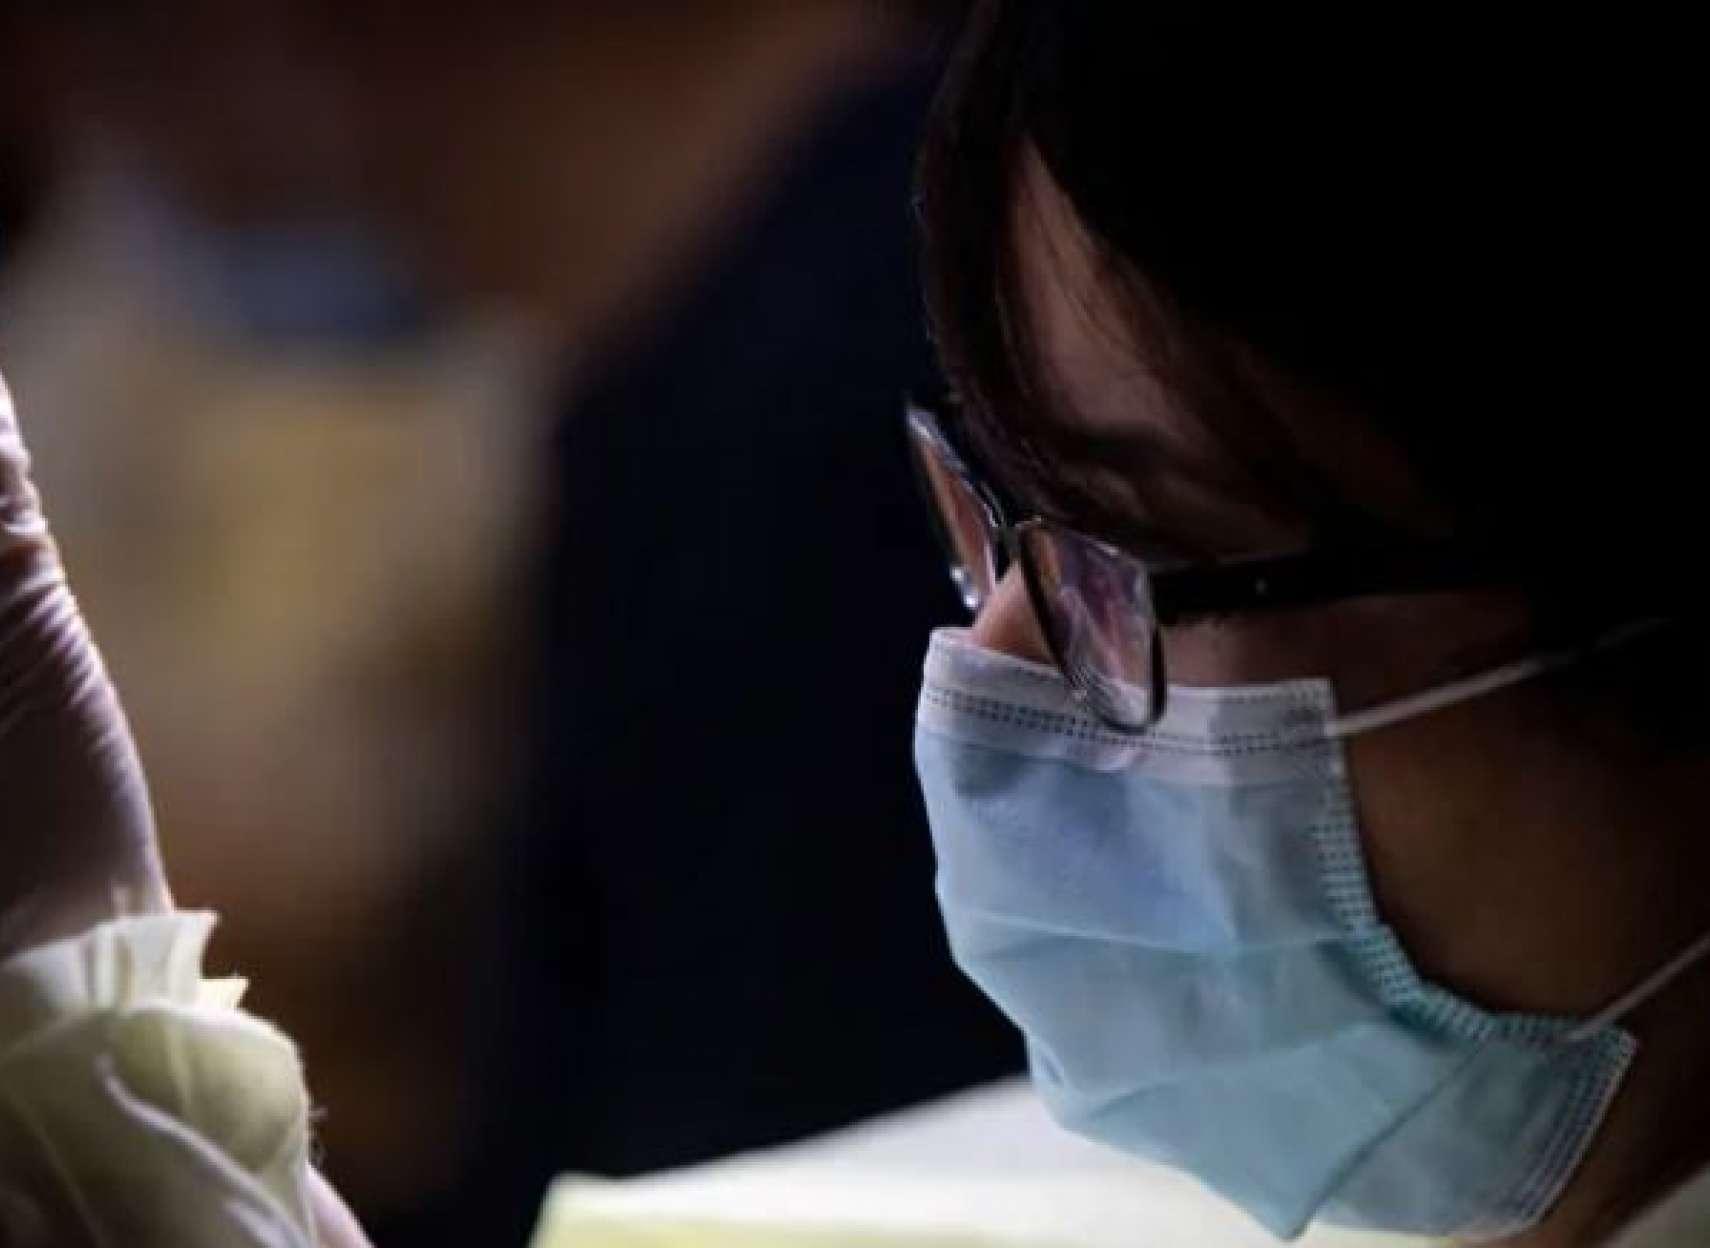 هشدار-آژانس-جاسوسی-کانادا-درباره-سرقت-و-خرابکاری-خارجی-در-توزیع-واکسن-روسیه-و-چین-متهم-به-خرابکاری-احتمالی-هستند